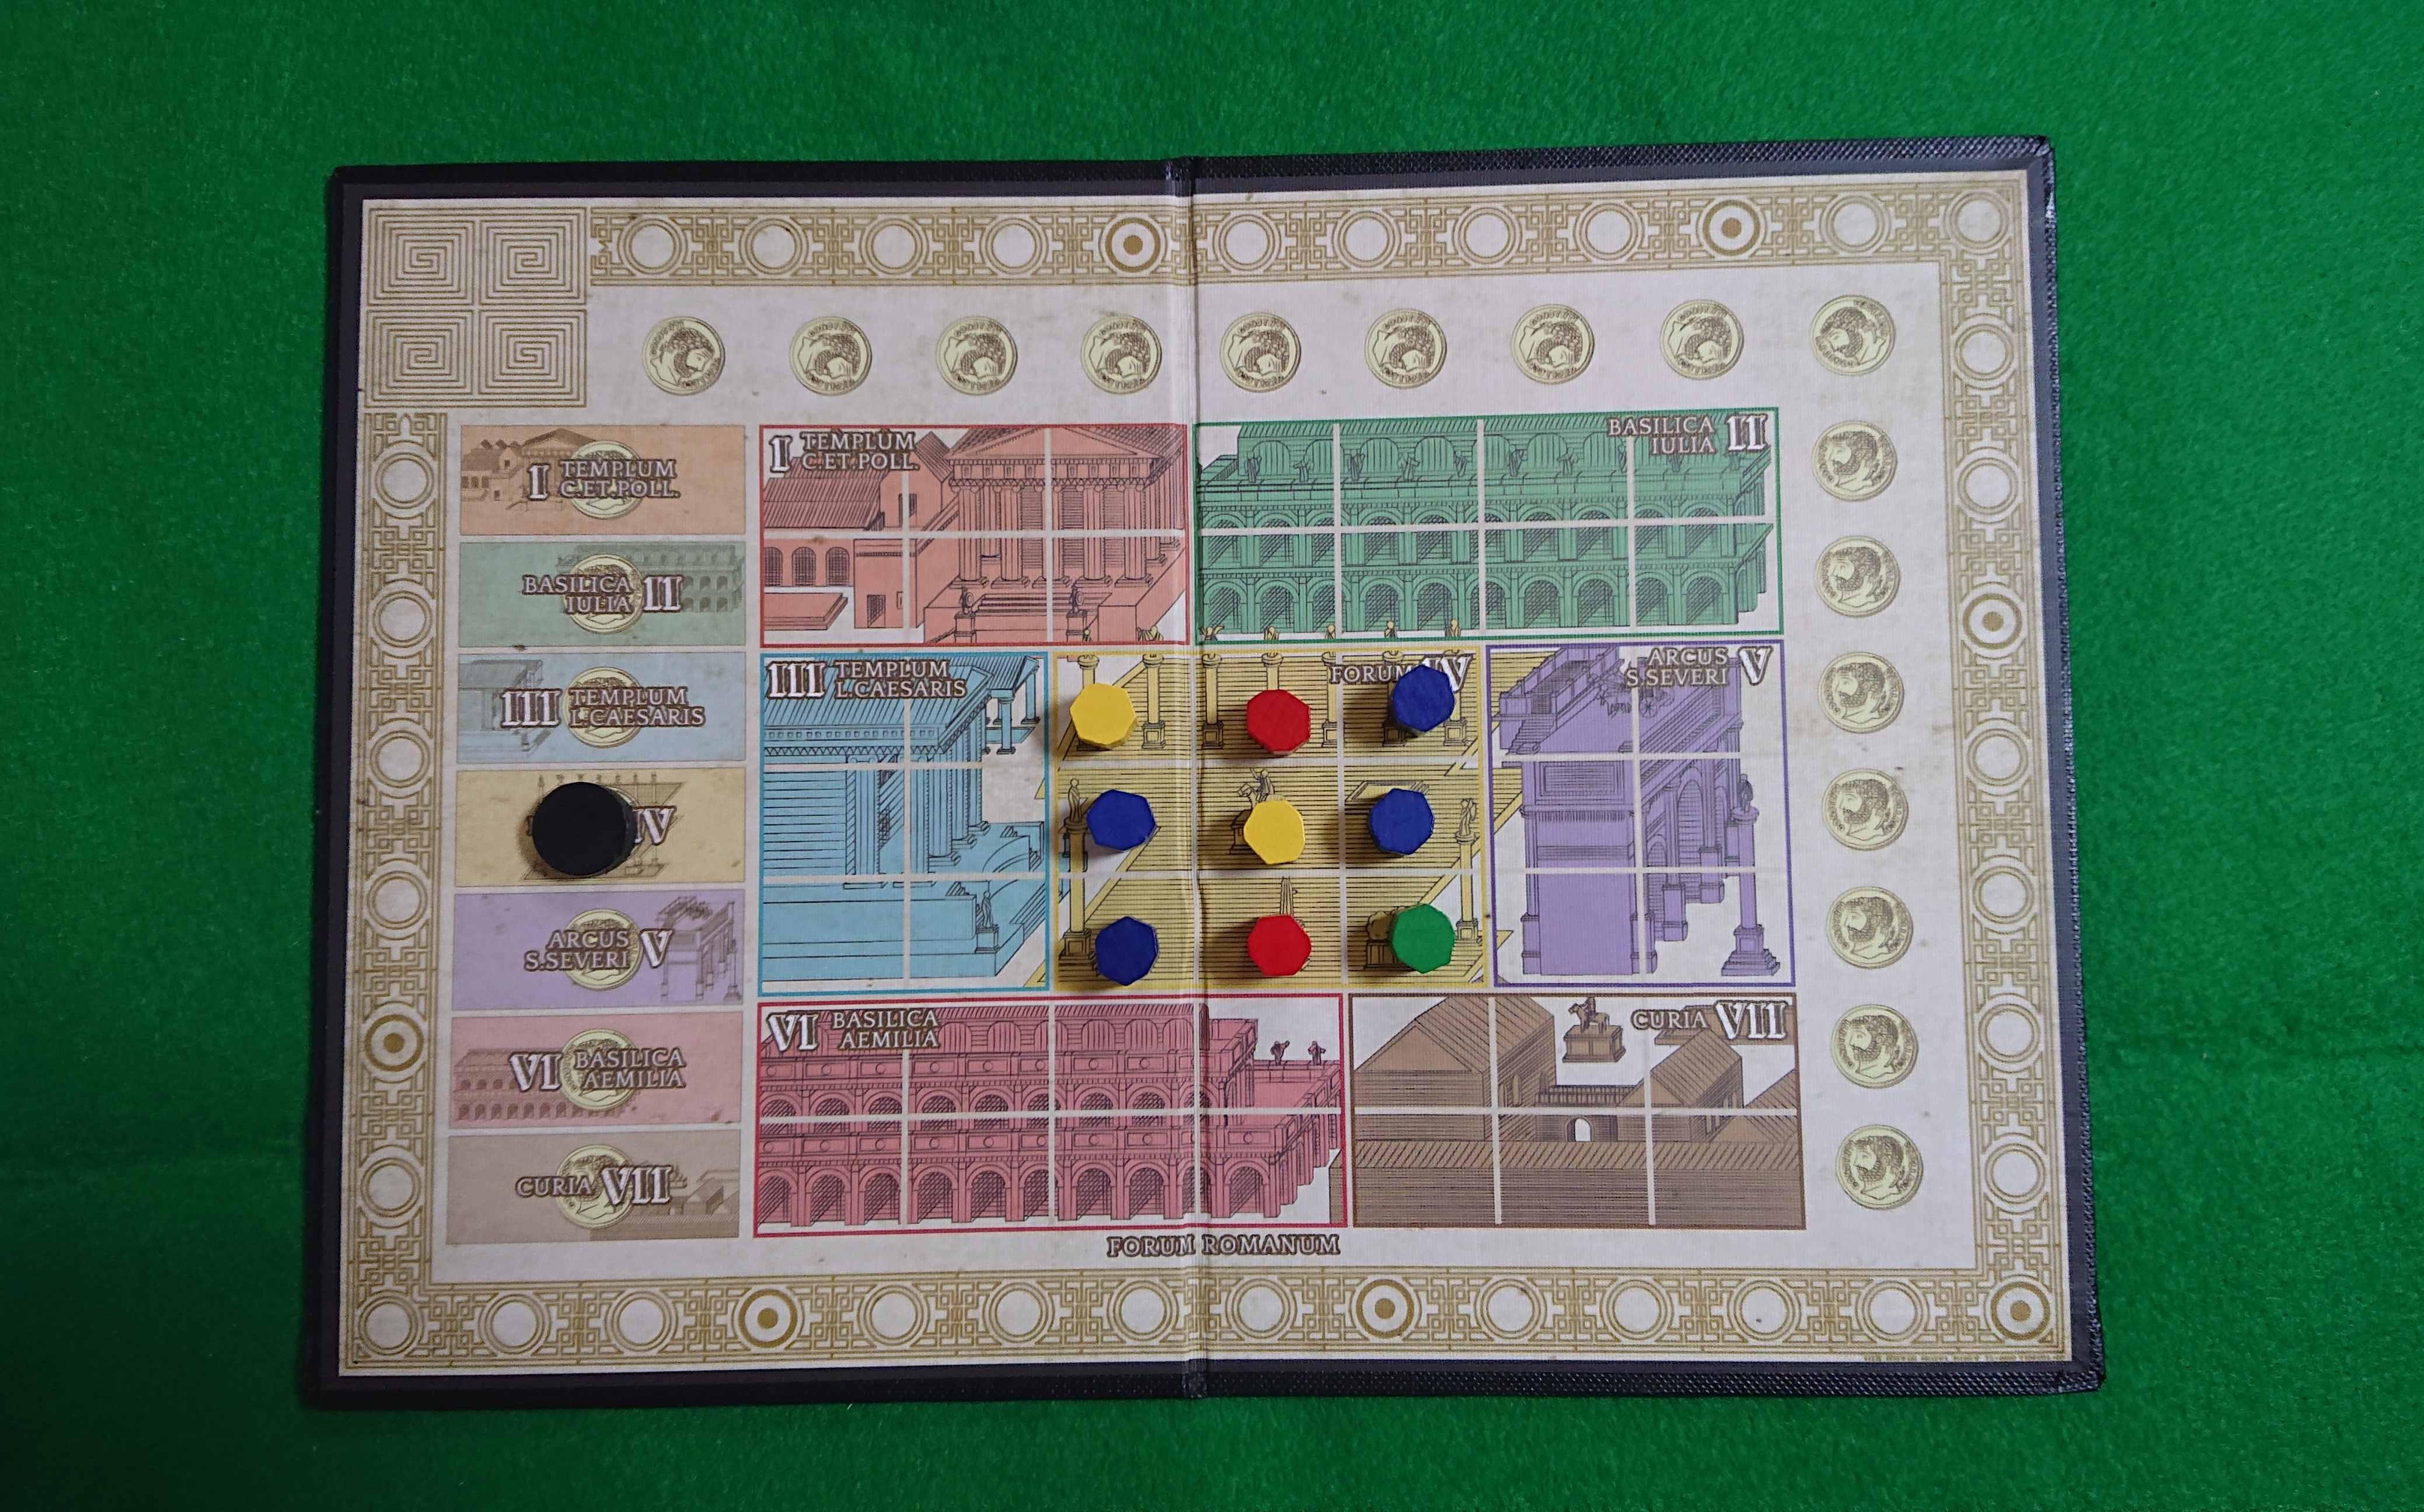 フォルム・ロマヌム 名作ボードゲーム 区画ごとに勢力を広めて支持を集めろ! ルール説明